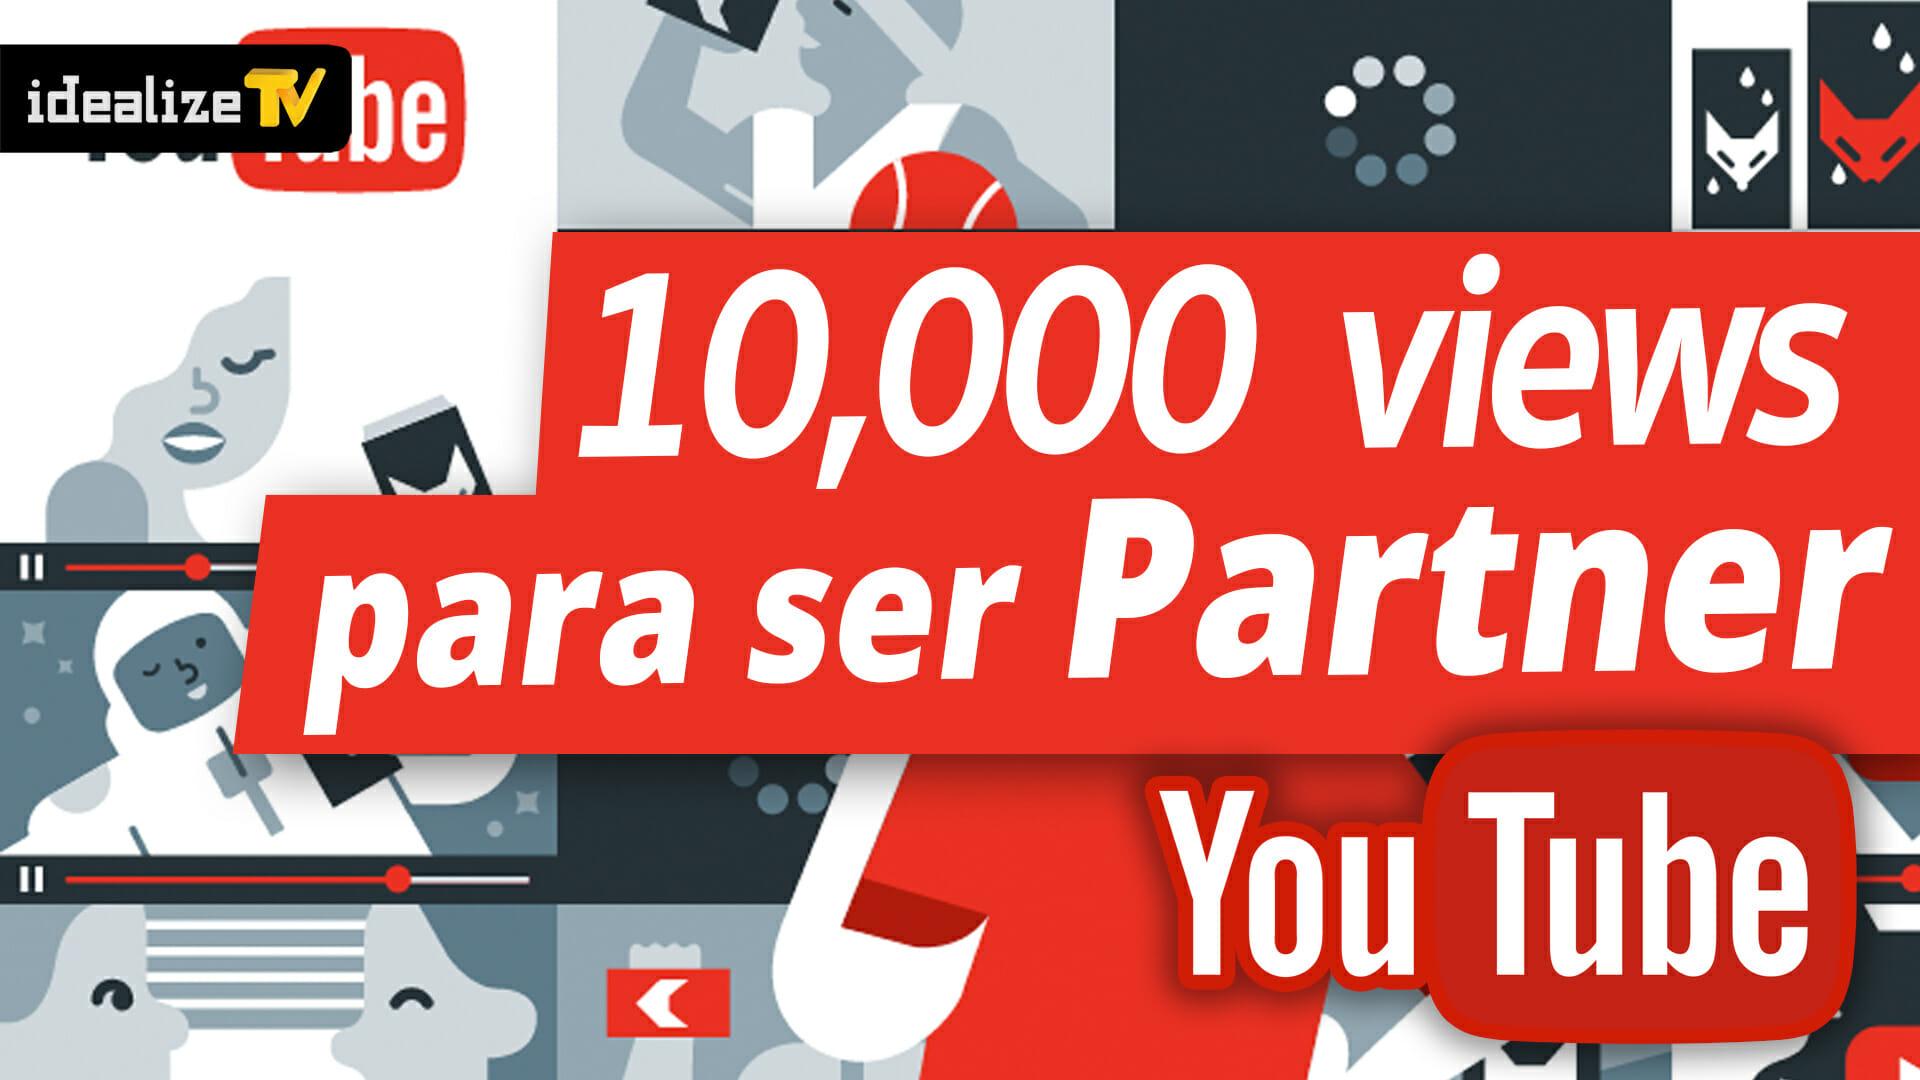 Nuevo requisito para ser partner de Youtube. 10,000 views